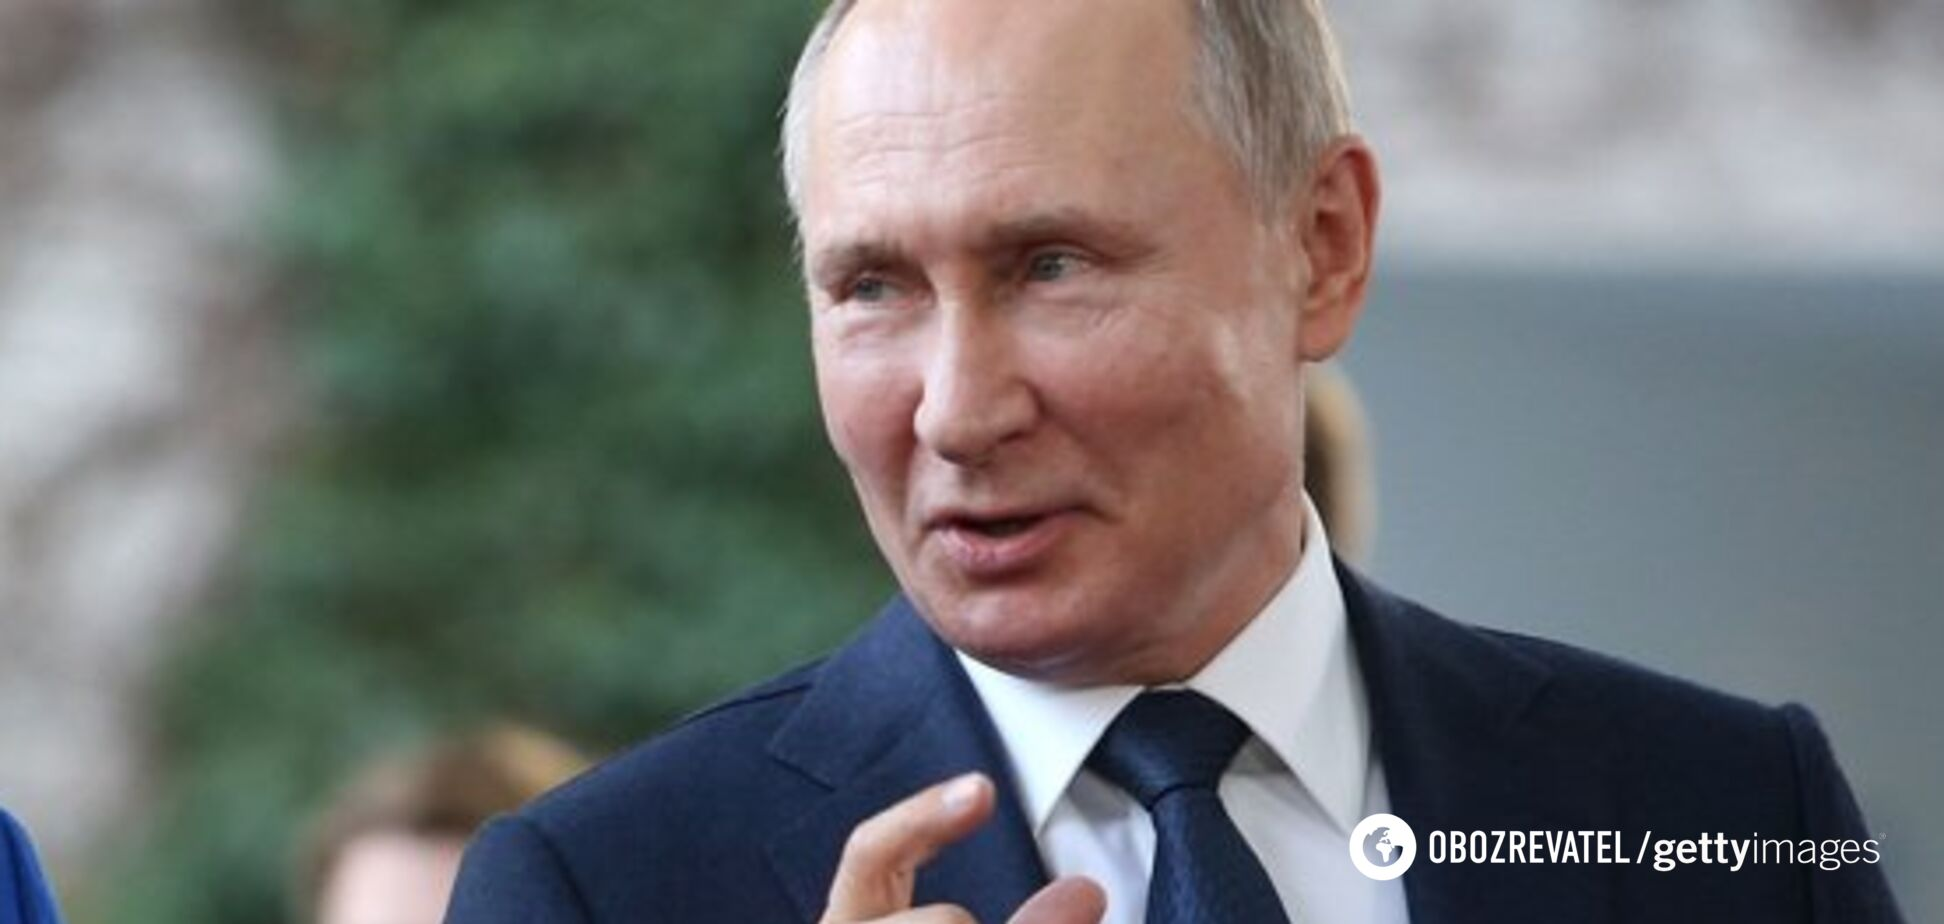 'Апокаліптичні відчуття': у Росії забили на сполох через узурпацію влади Путіним